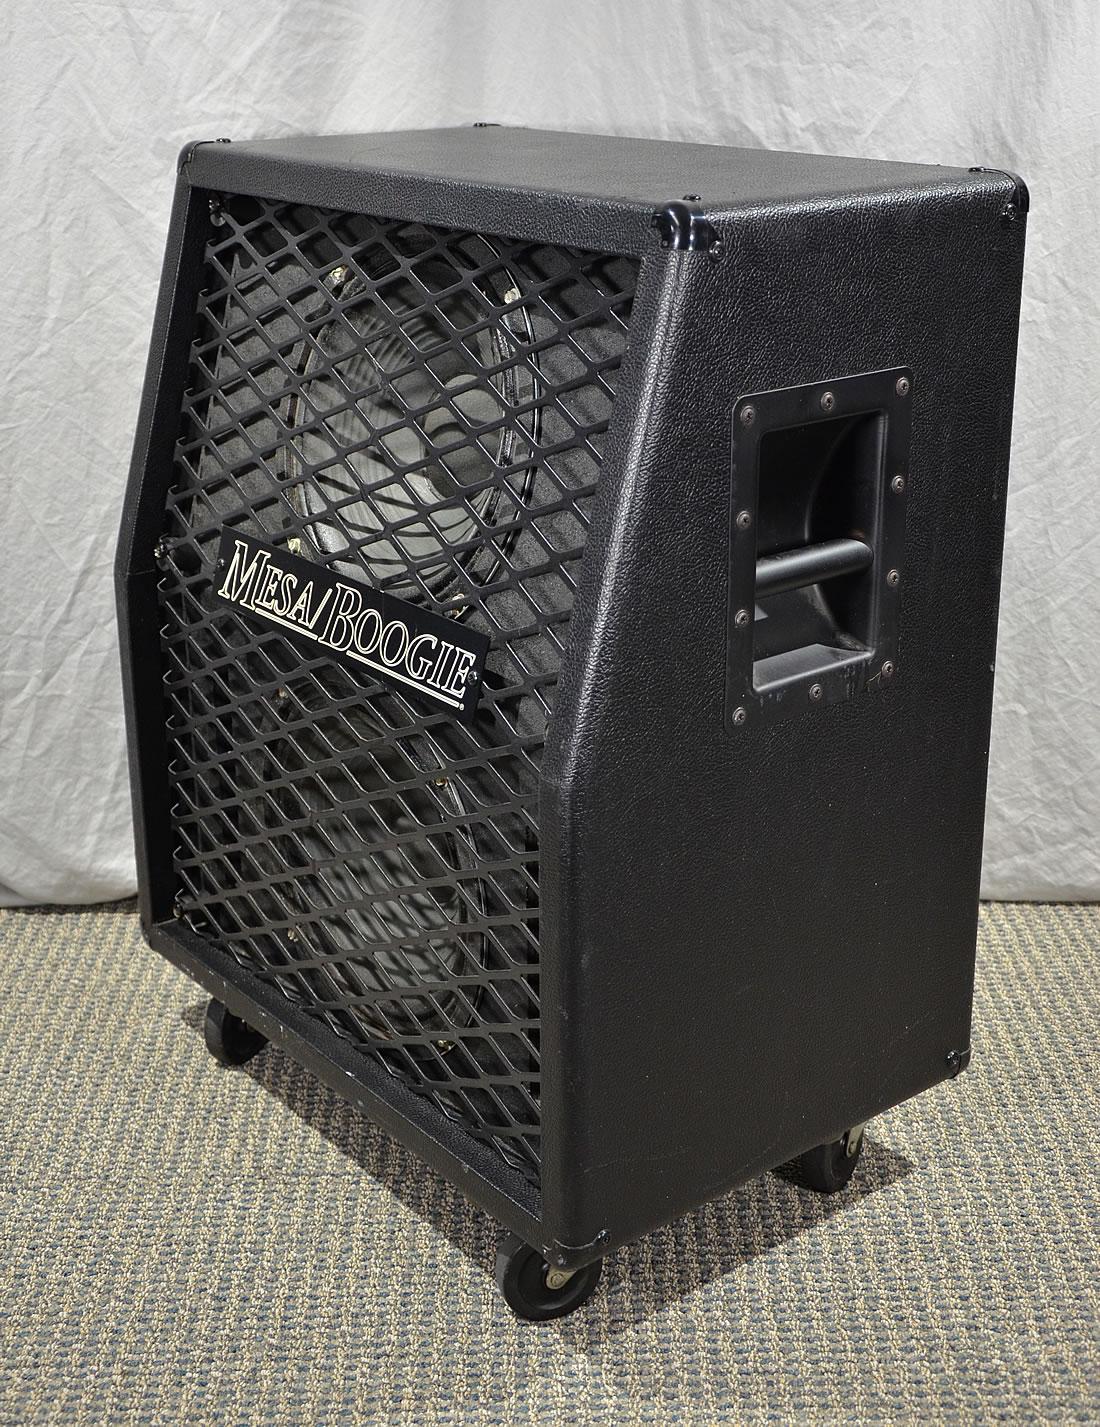 mesa boogie 2x12 speaker cabinet 1 vintage guitars and amps. Black Bedroom Furniture Sets. Home Design Ideas